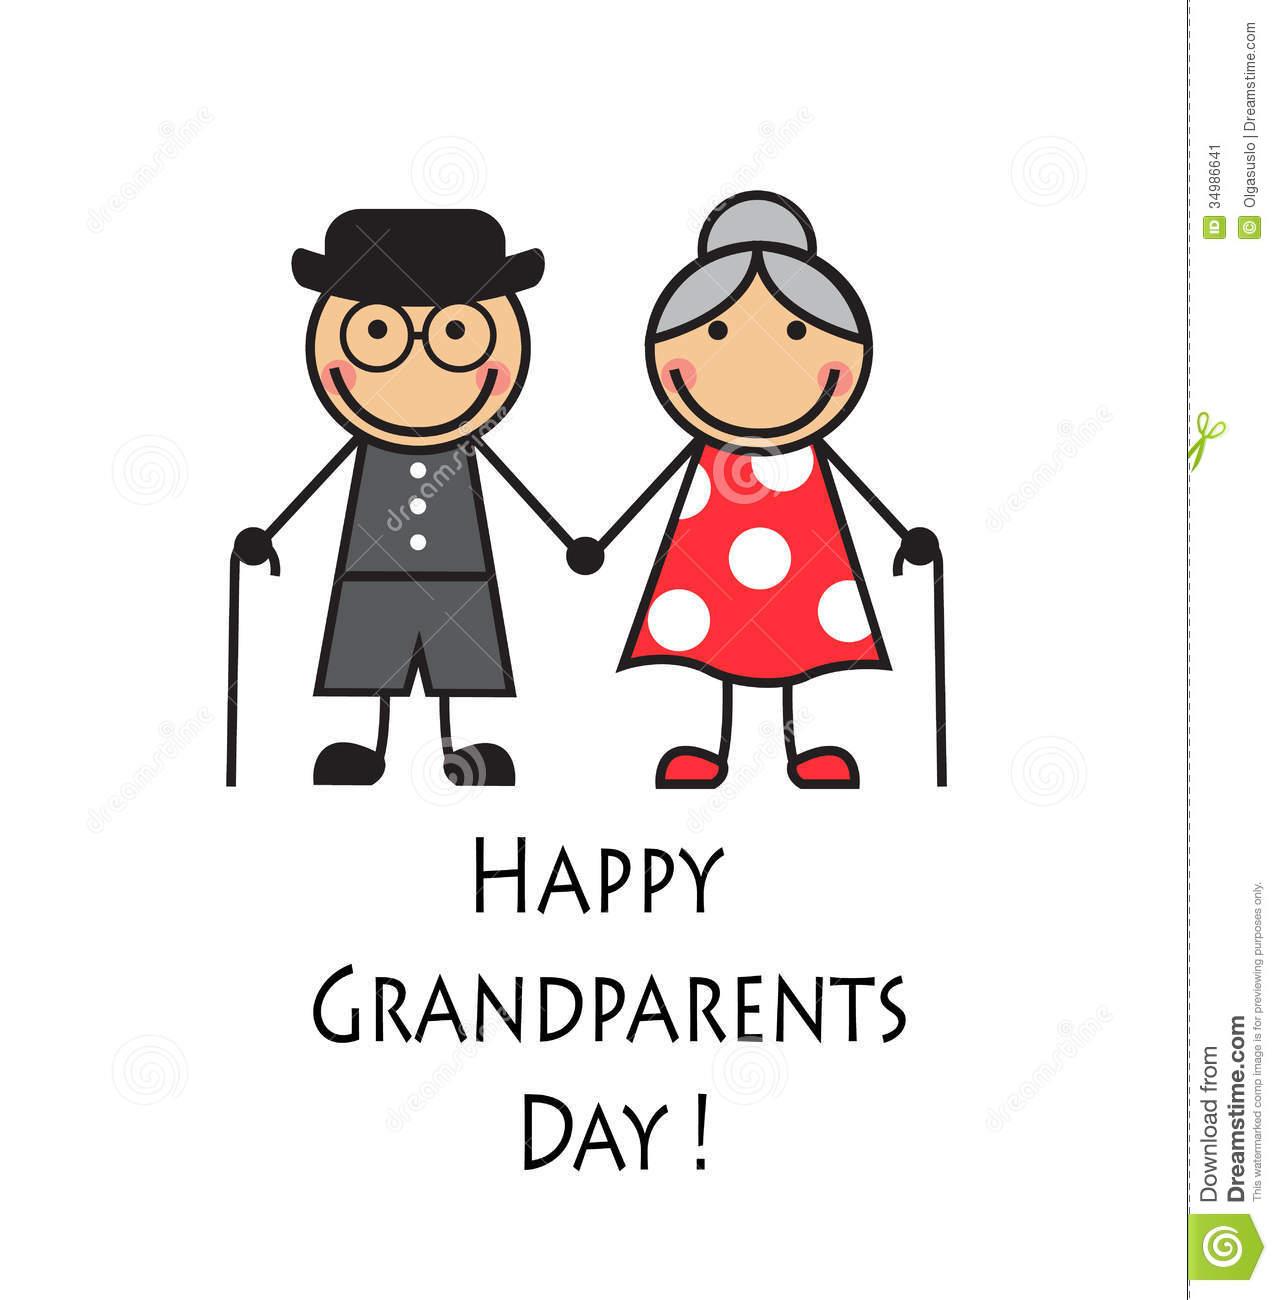 grandparents clipart black and white - photo #33